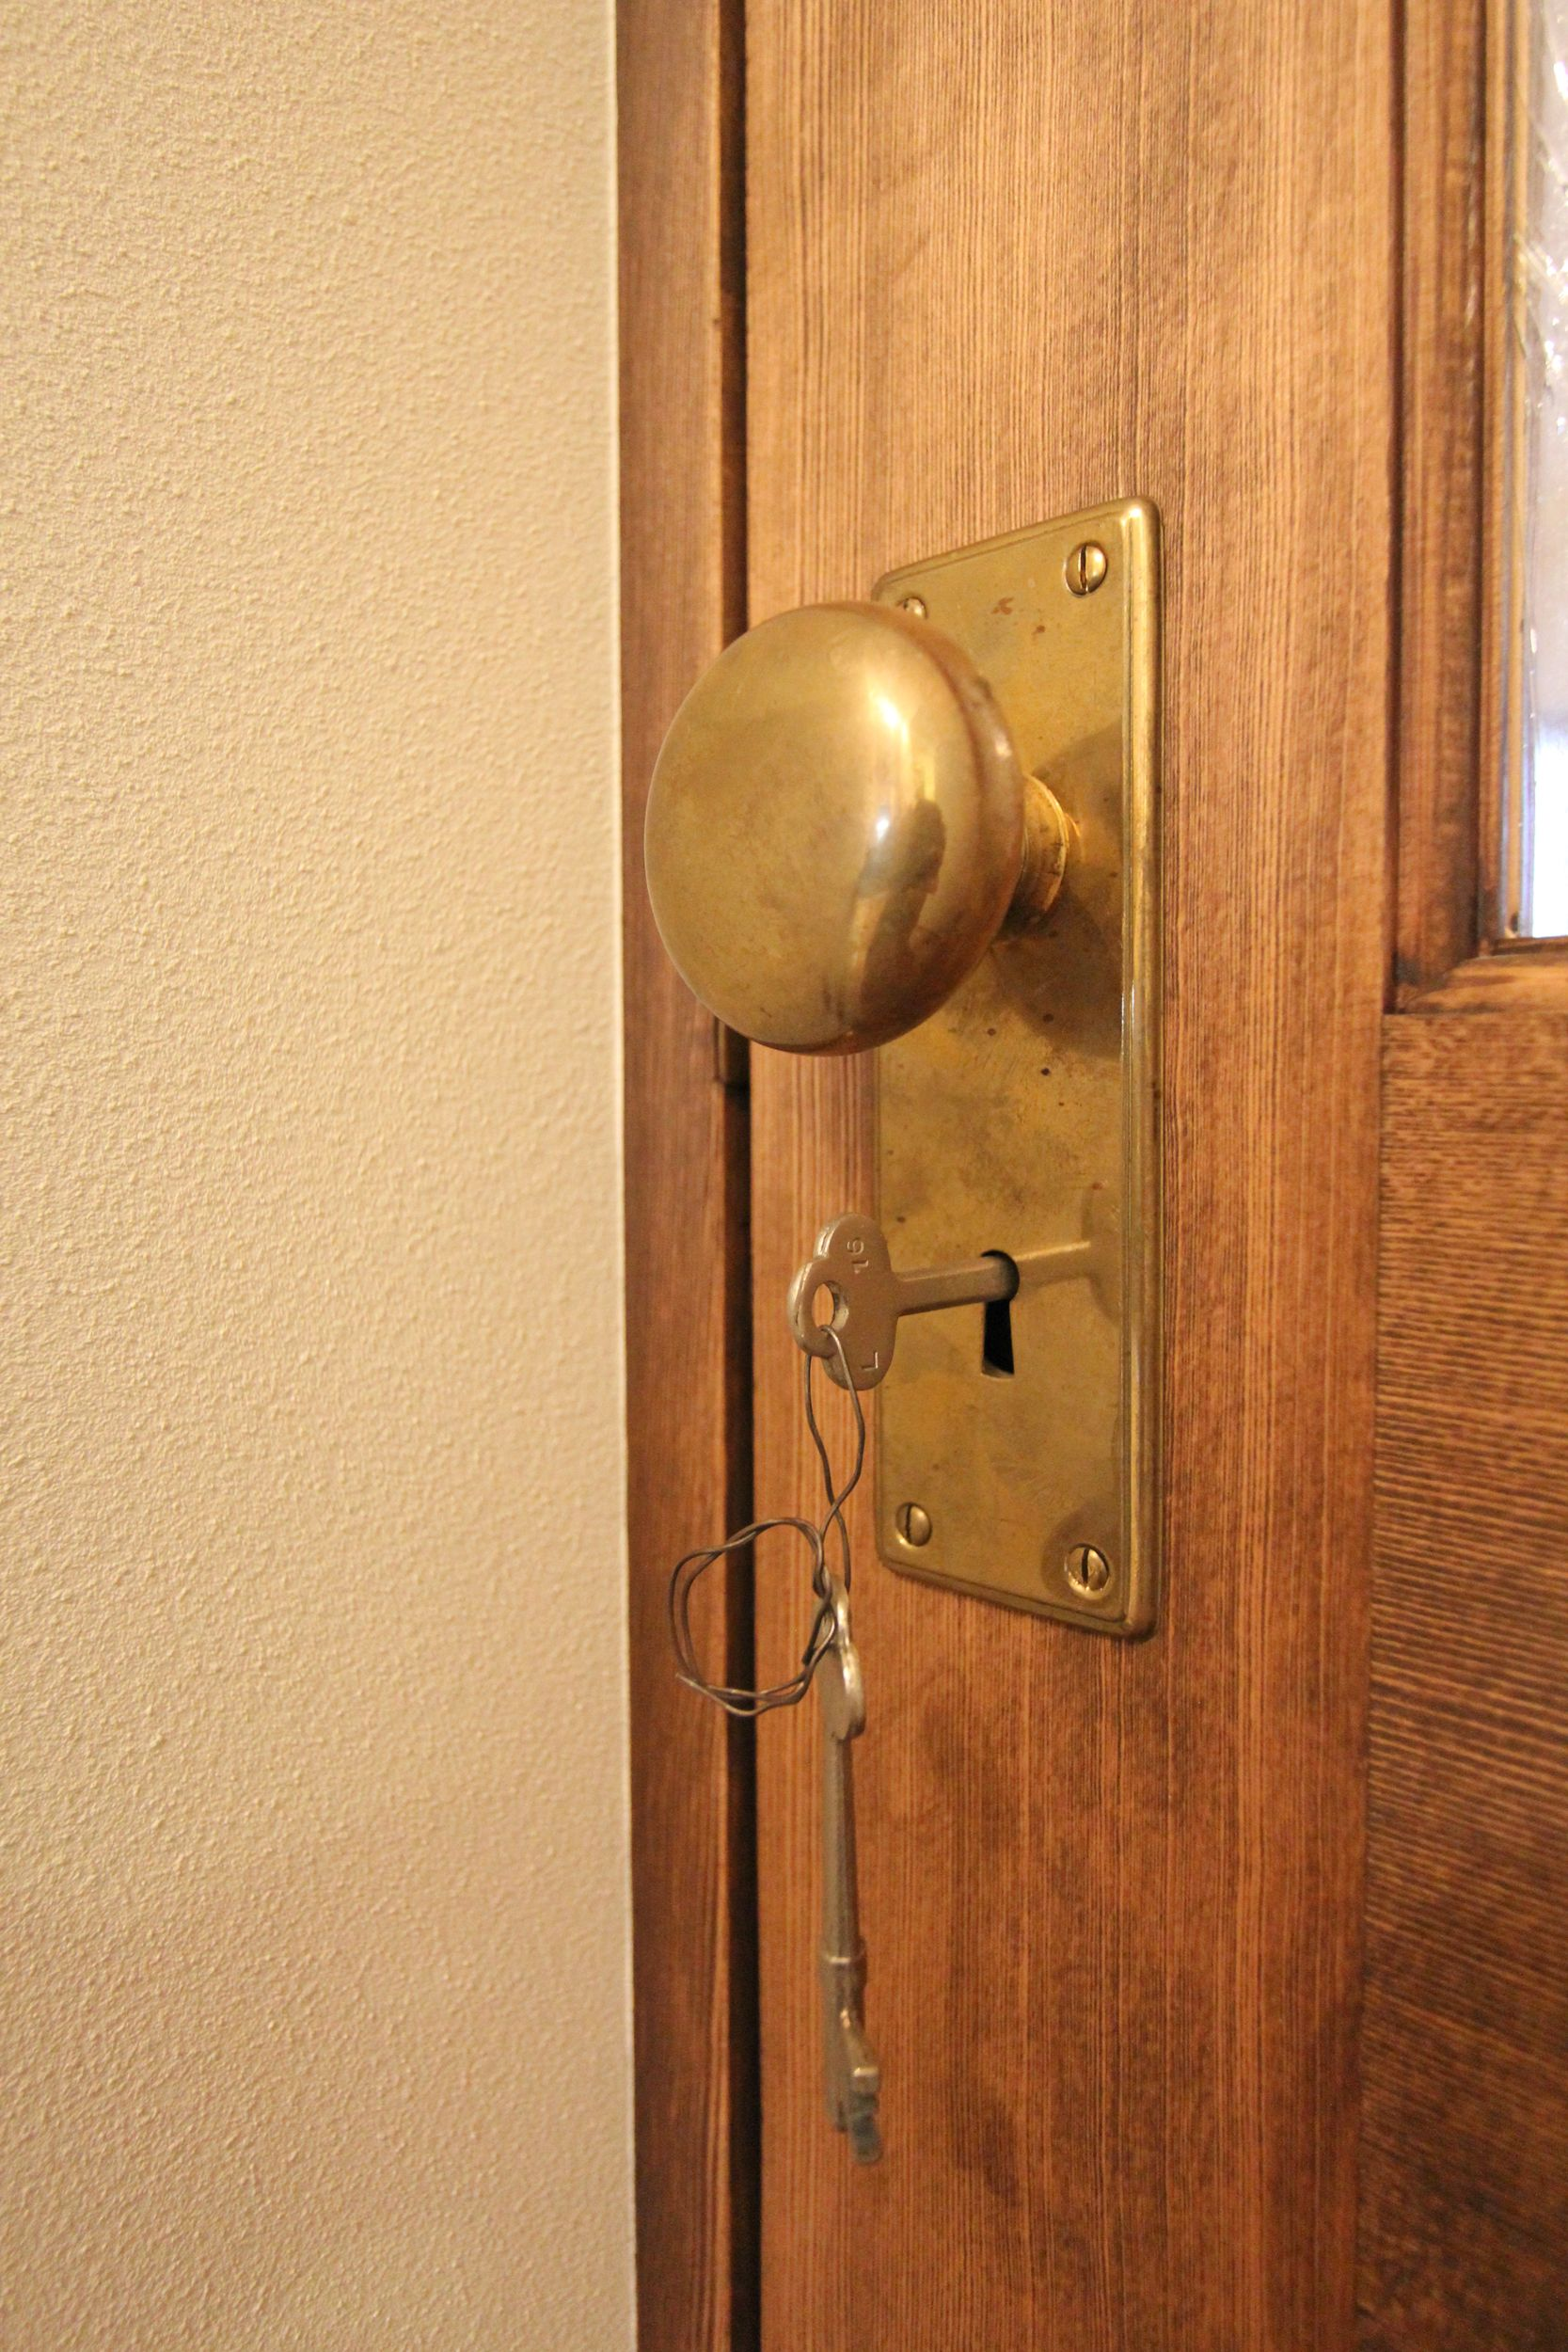 Door 扉 ハンドル 塗装 ガラス リノベーション リフォーム フィールド